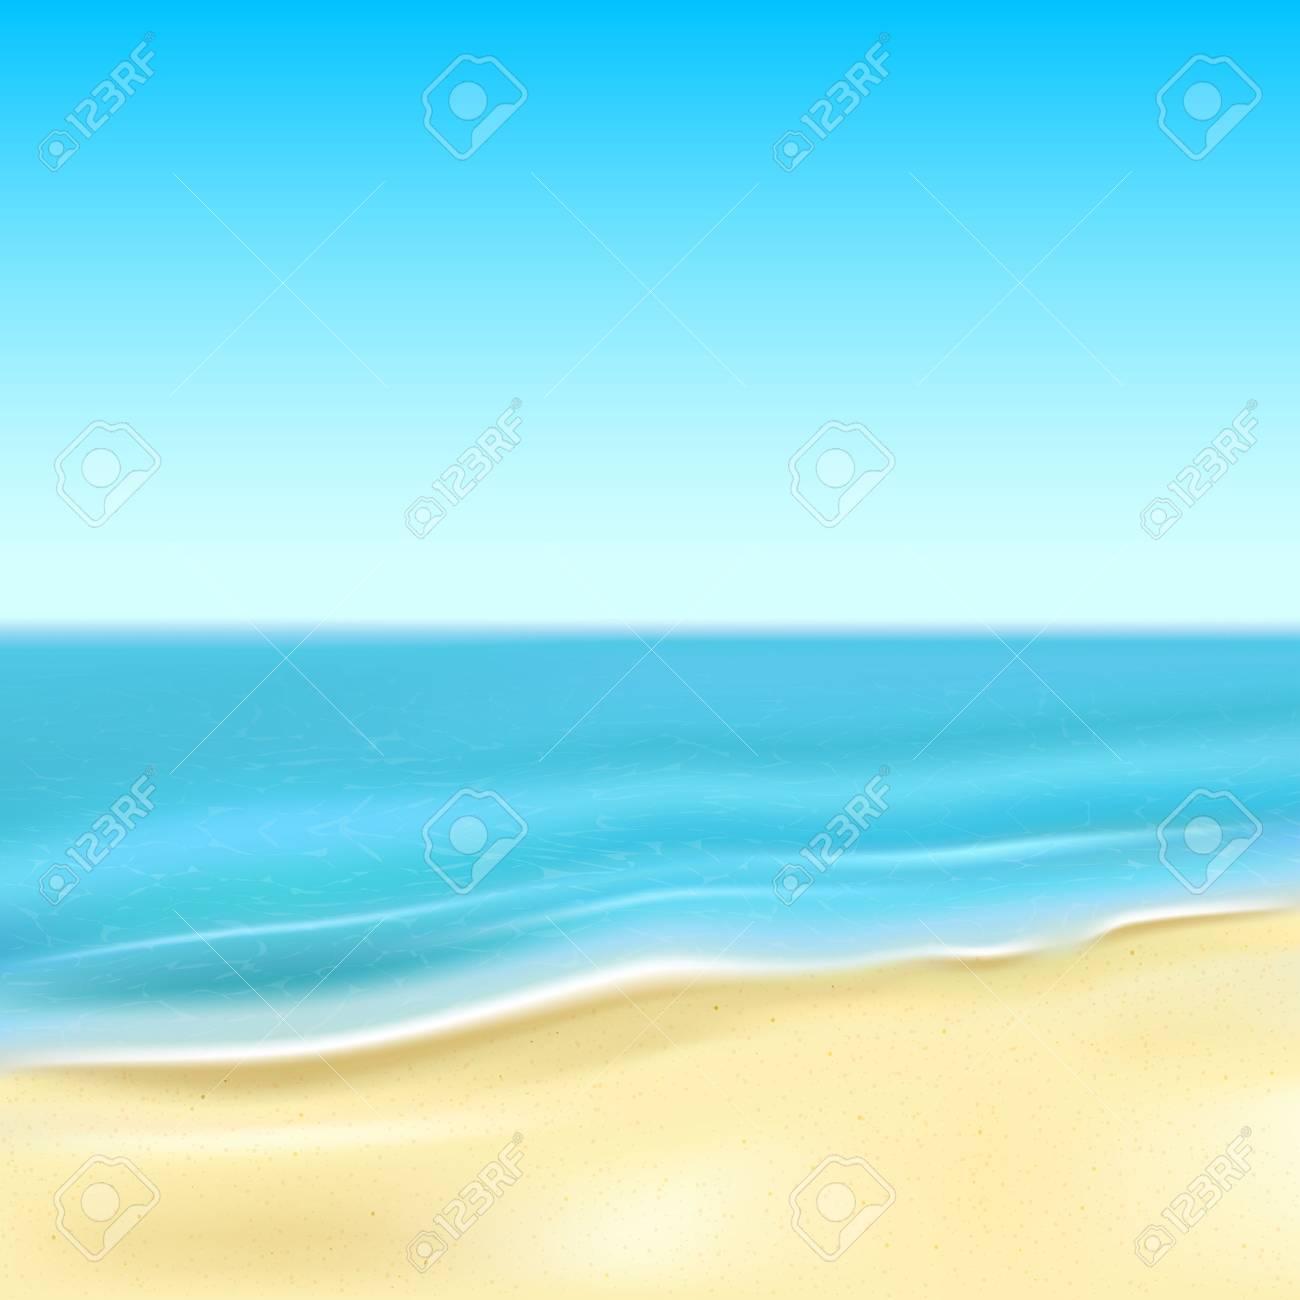 砂浜のビーチと海、イラスト背景 ロイヤリティフリークリップアート